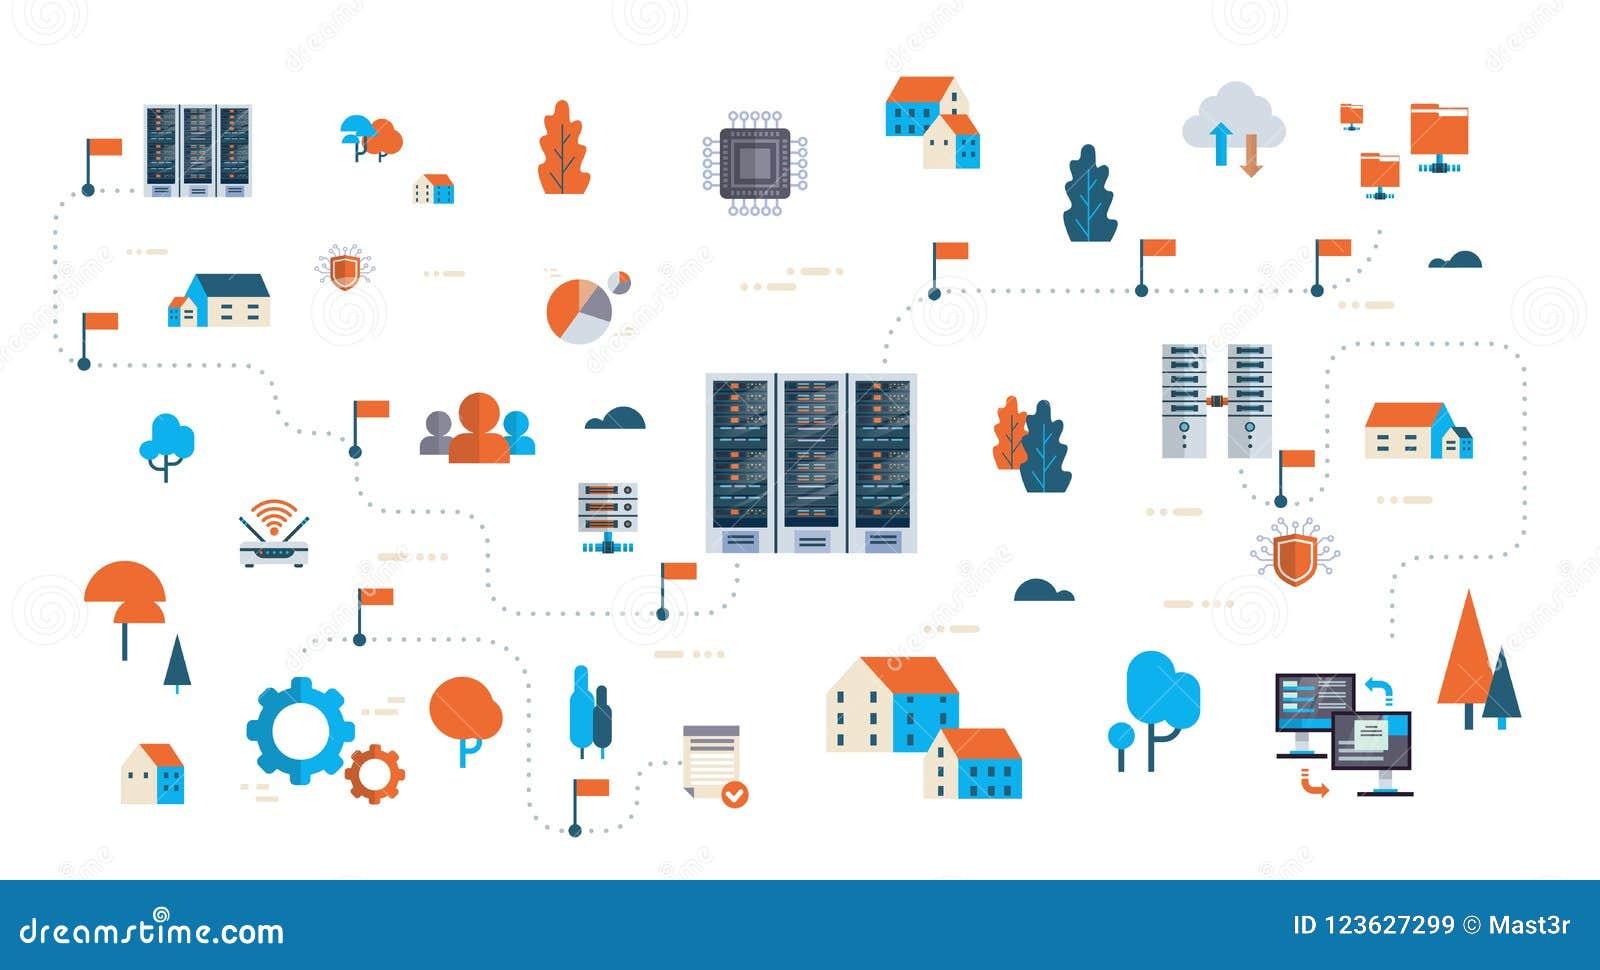 Δικτύων δεδομένων διαγραμμάτων ροής κεντρικών υπολογιστών κεντρική έννοια βάσεων δεδομένων σύνδεσης στο Διαδίκτυο συγχρονισμού απ